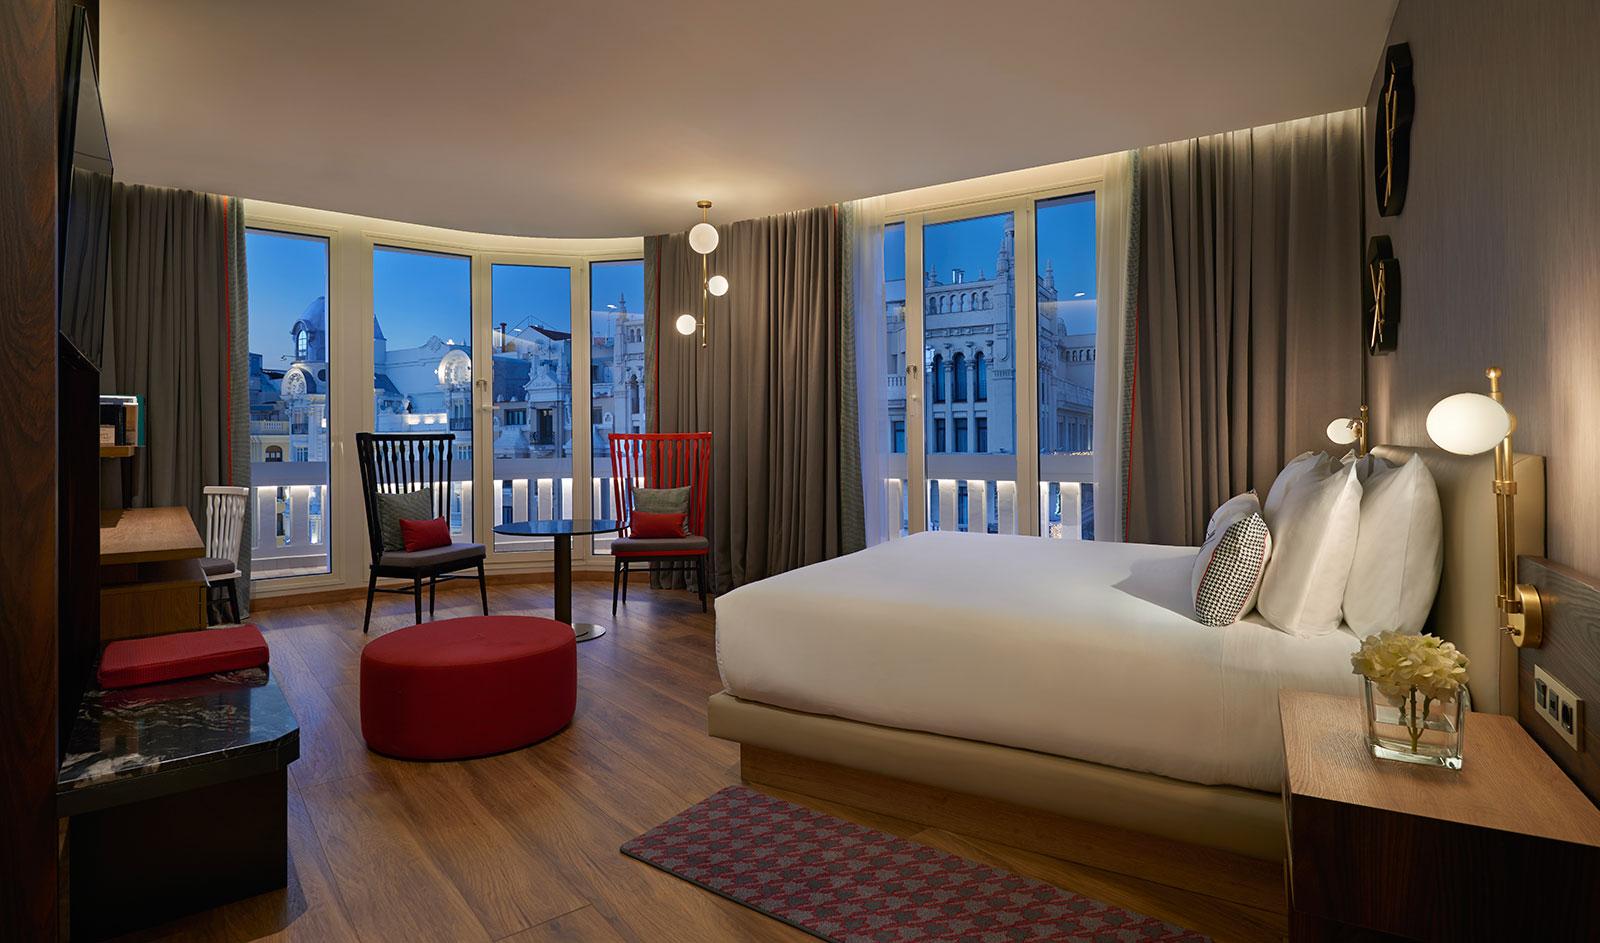 proyecto-iluminacion-habitaciones-hotel-hyatt-gran-via